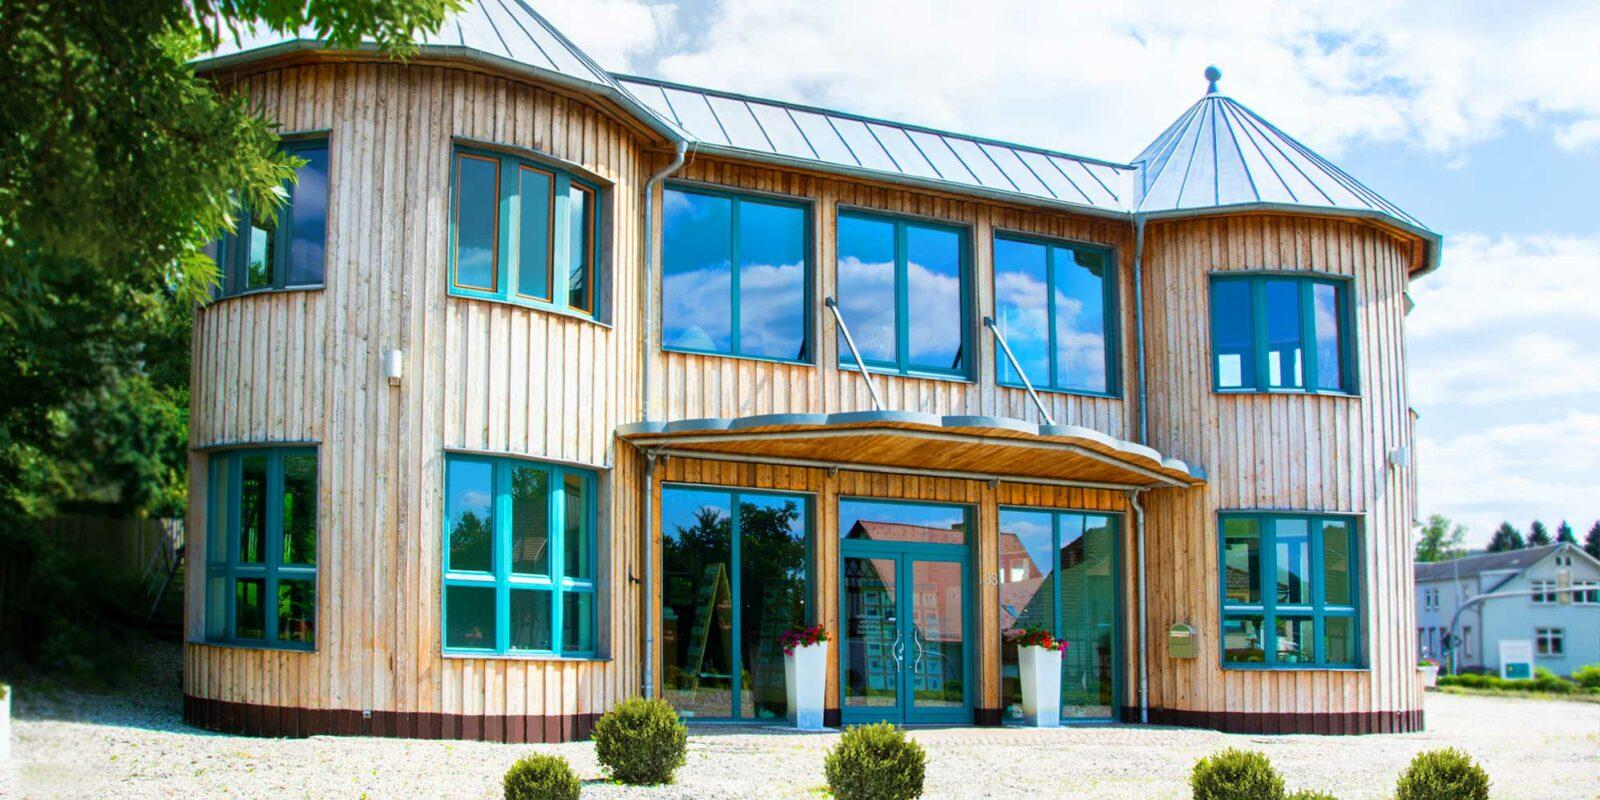 Außenansicht des Firmengebäudes der Rittweger + Team Werbeagentur in Suhl/Thüringen